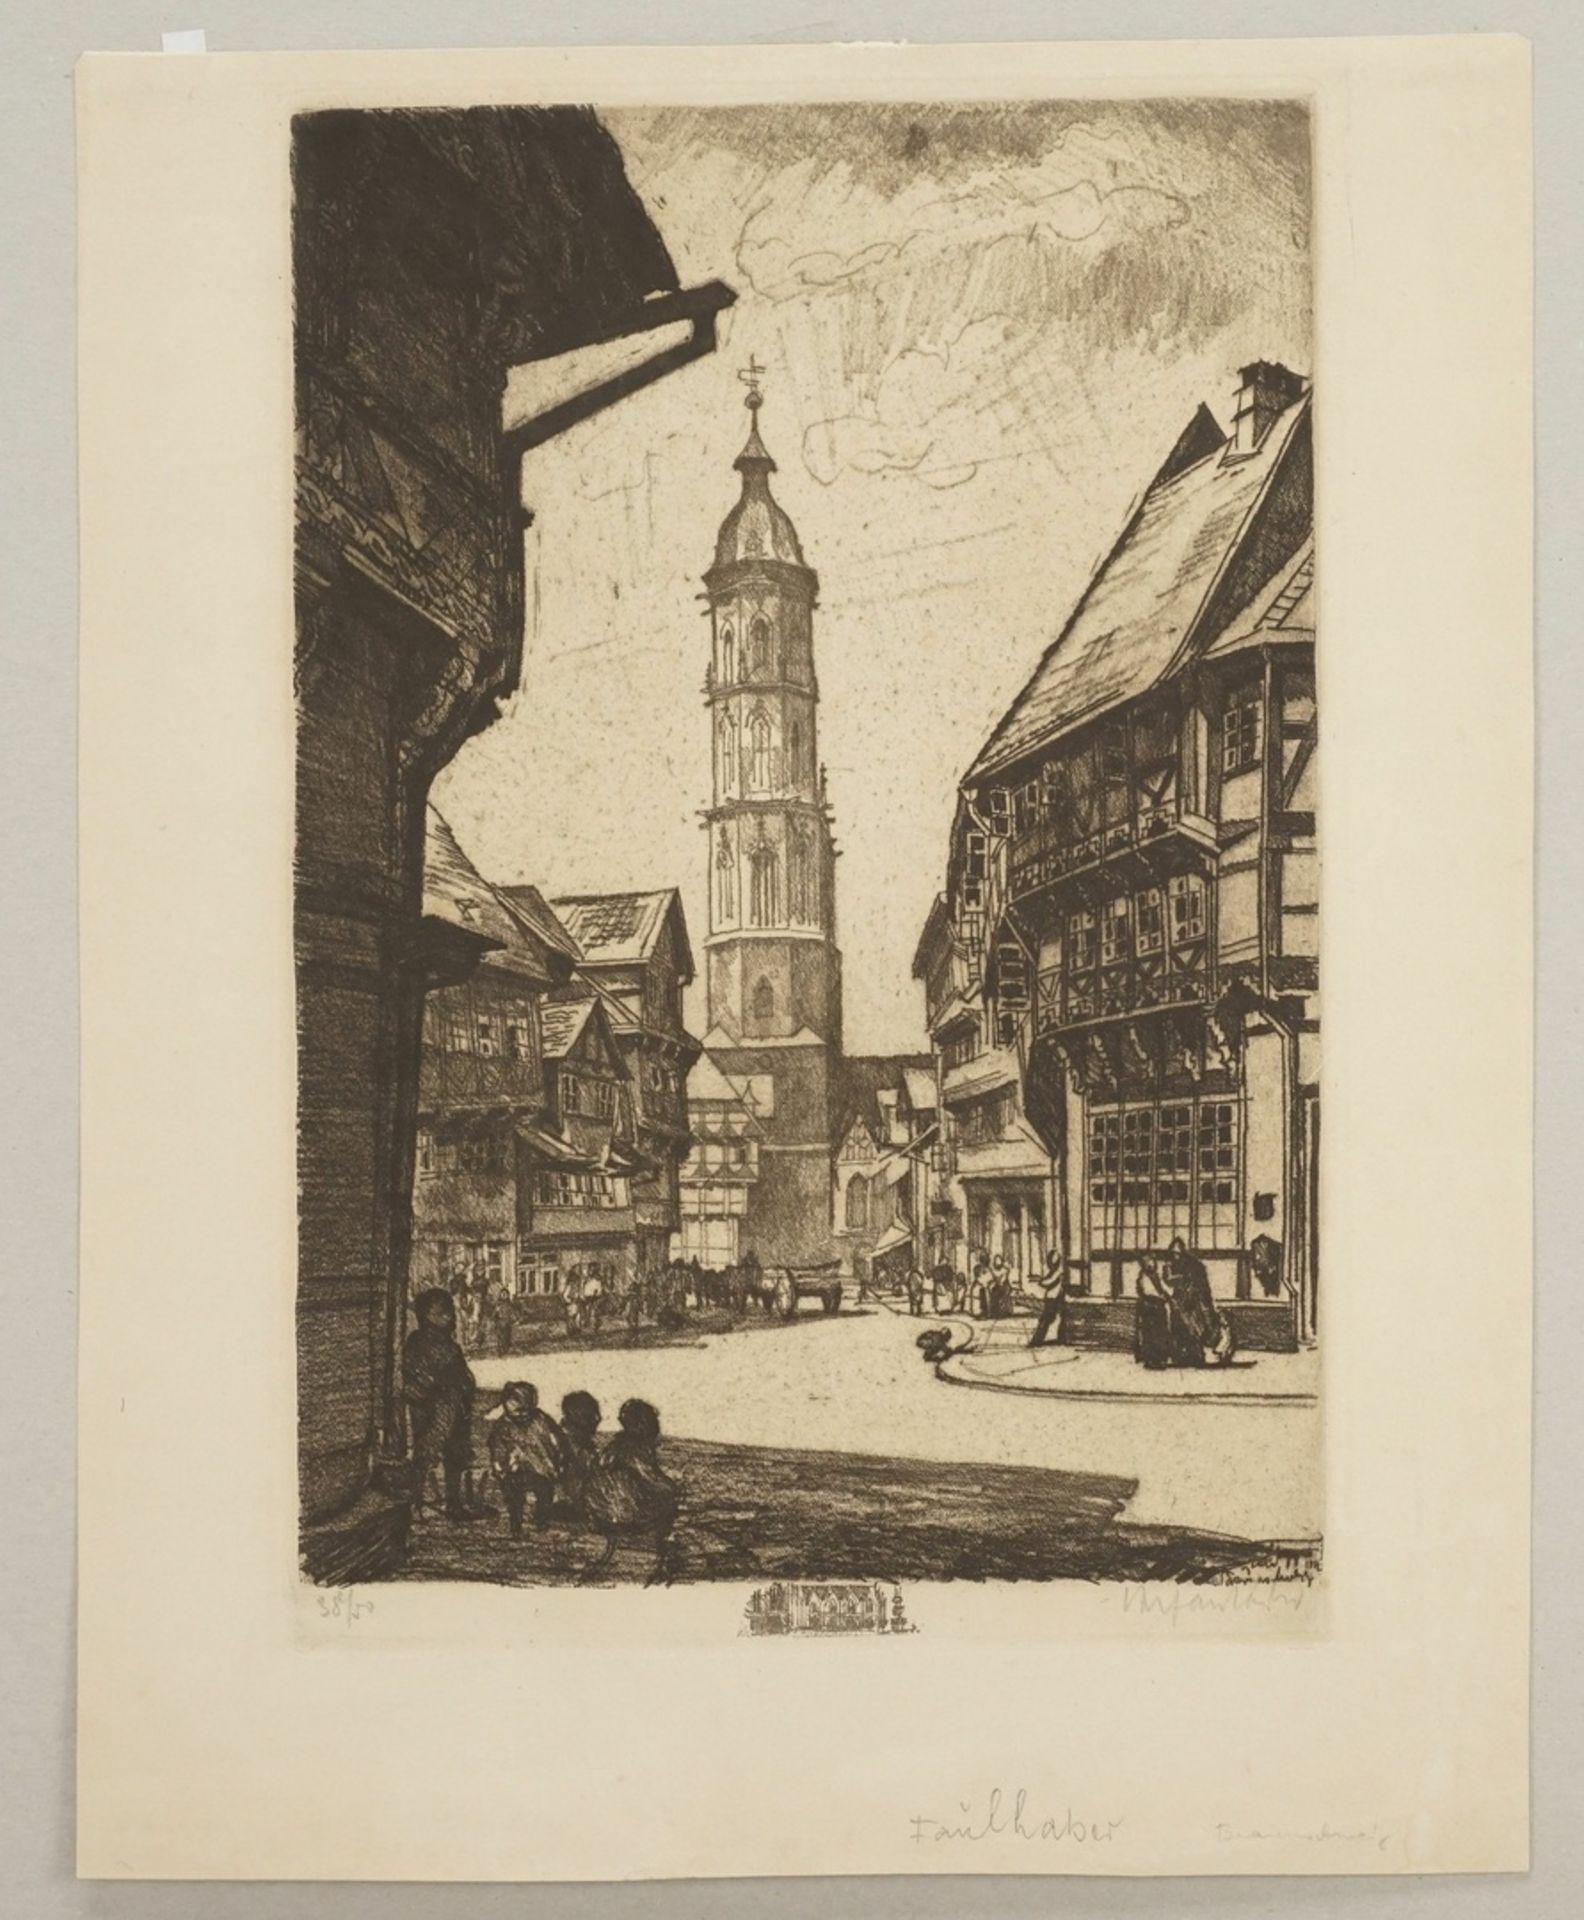 Unbekannter Radierkünstler, Sankt Andreas in Braunschweig - Bild 3 aus 4